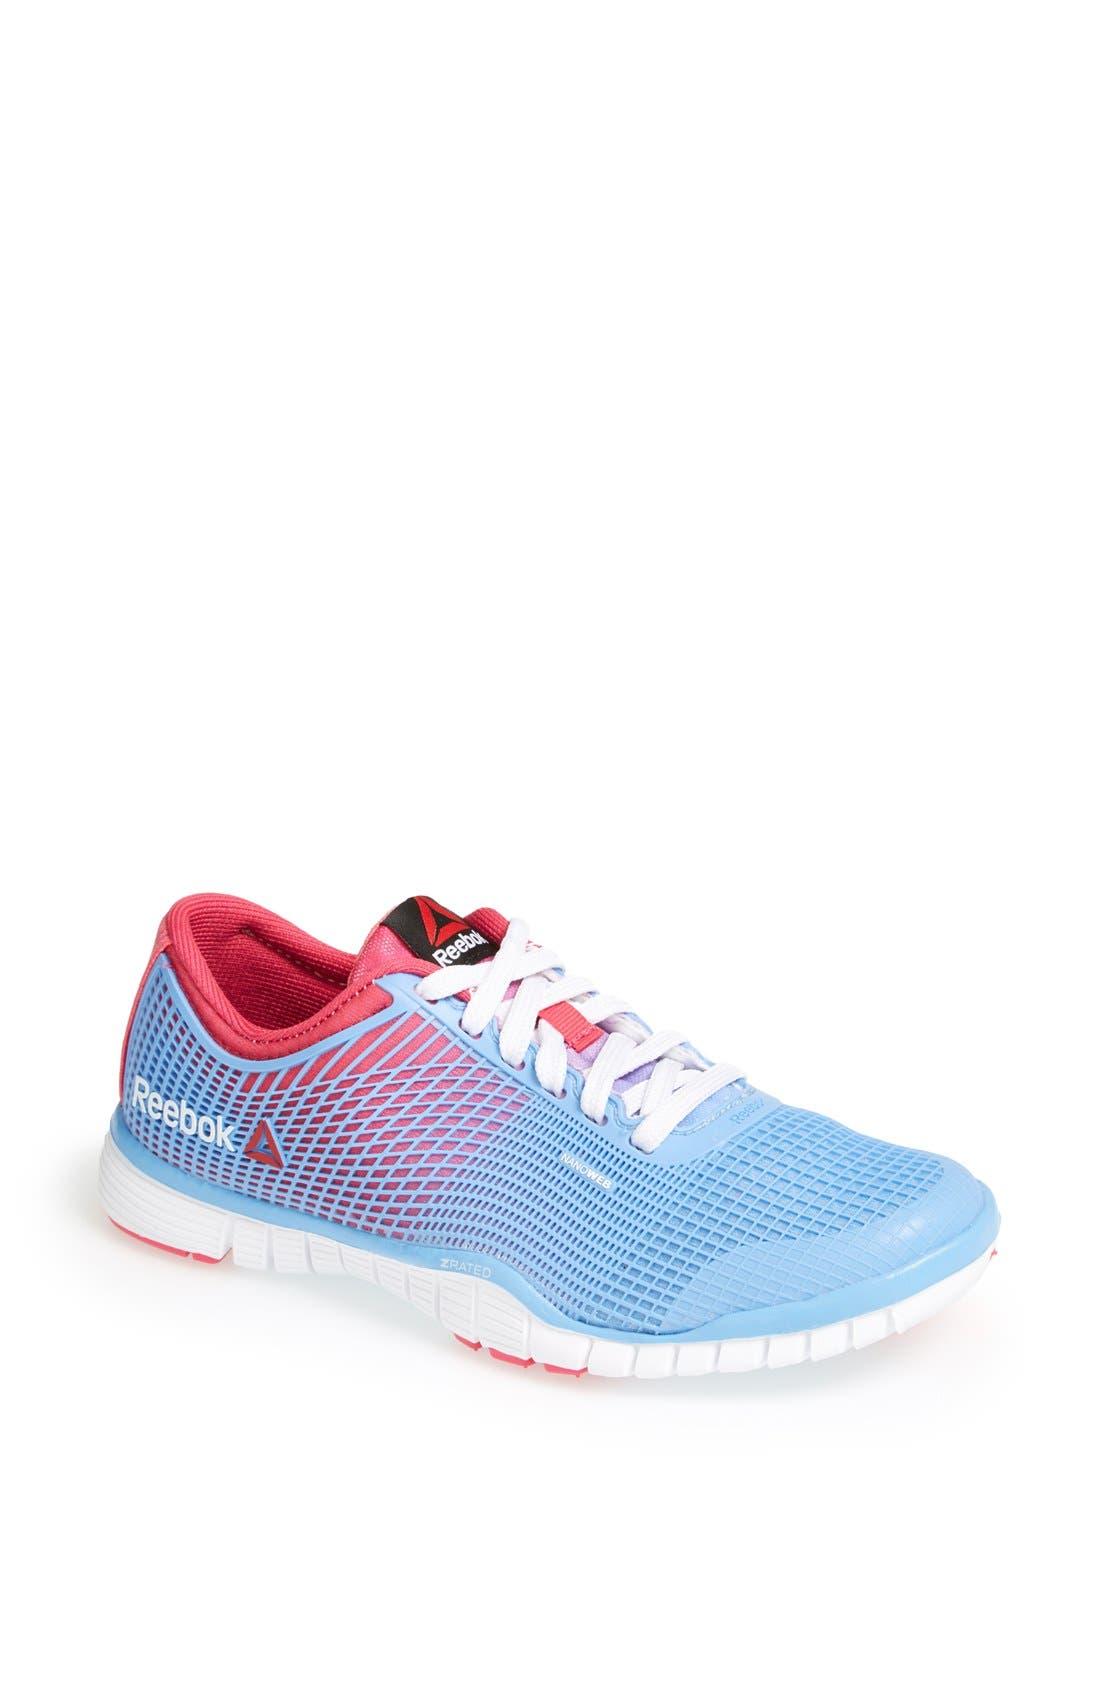 Main Image - Reebok 'Quick' Training Shoes (Women)